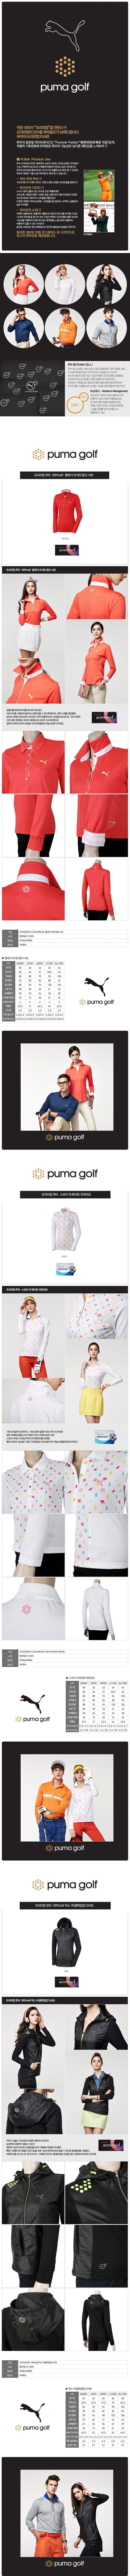 공동구매 - 푸마 골프티셔츠 - 총수량 4,000장(최소 구매수량 200장 단위)